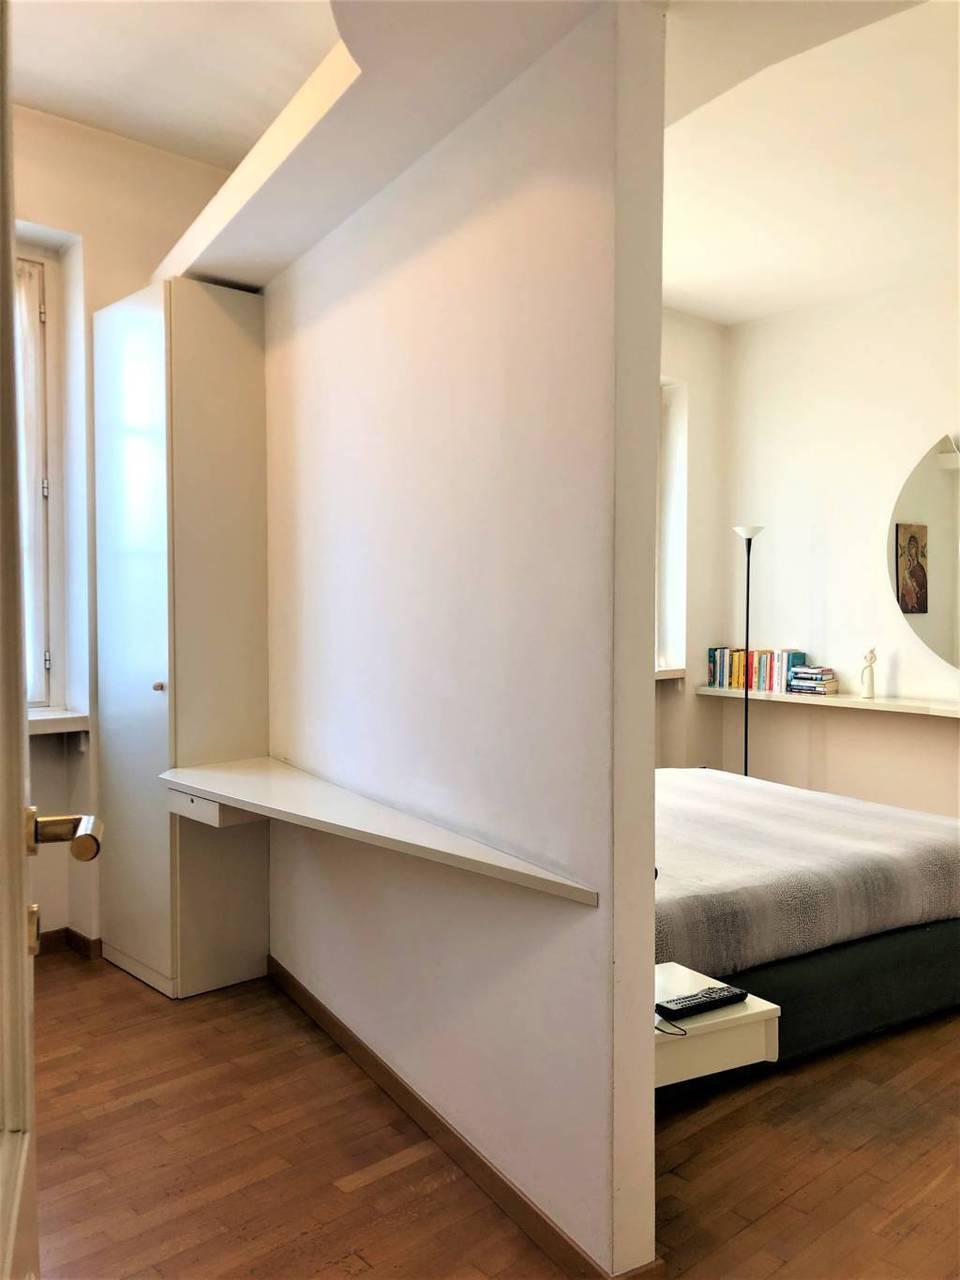 Villa-singola-in-vendita-a-Vimercate-Oreno-16